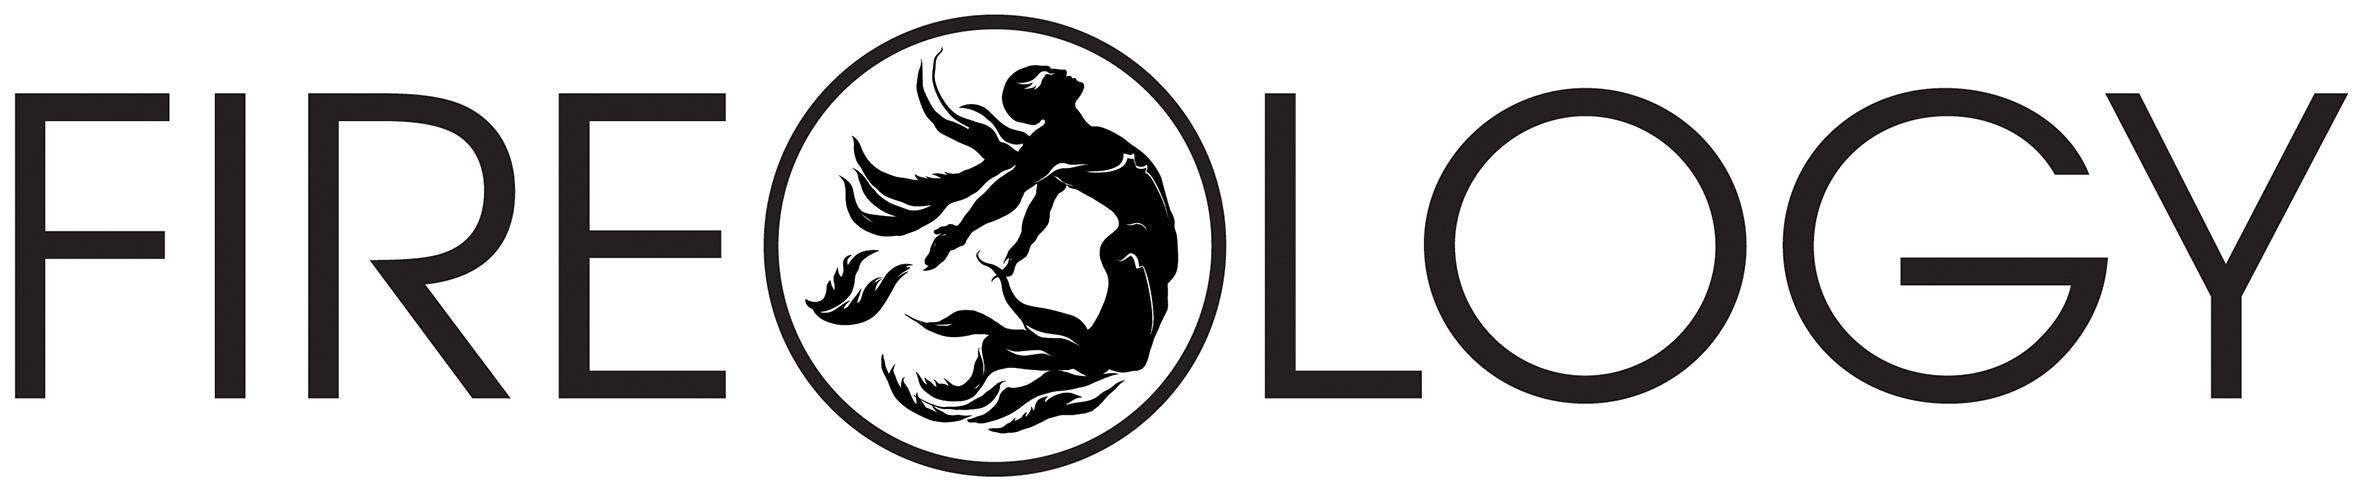 fireology_logo.jpg